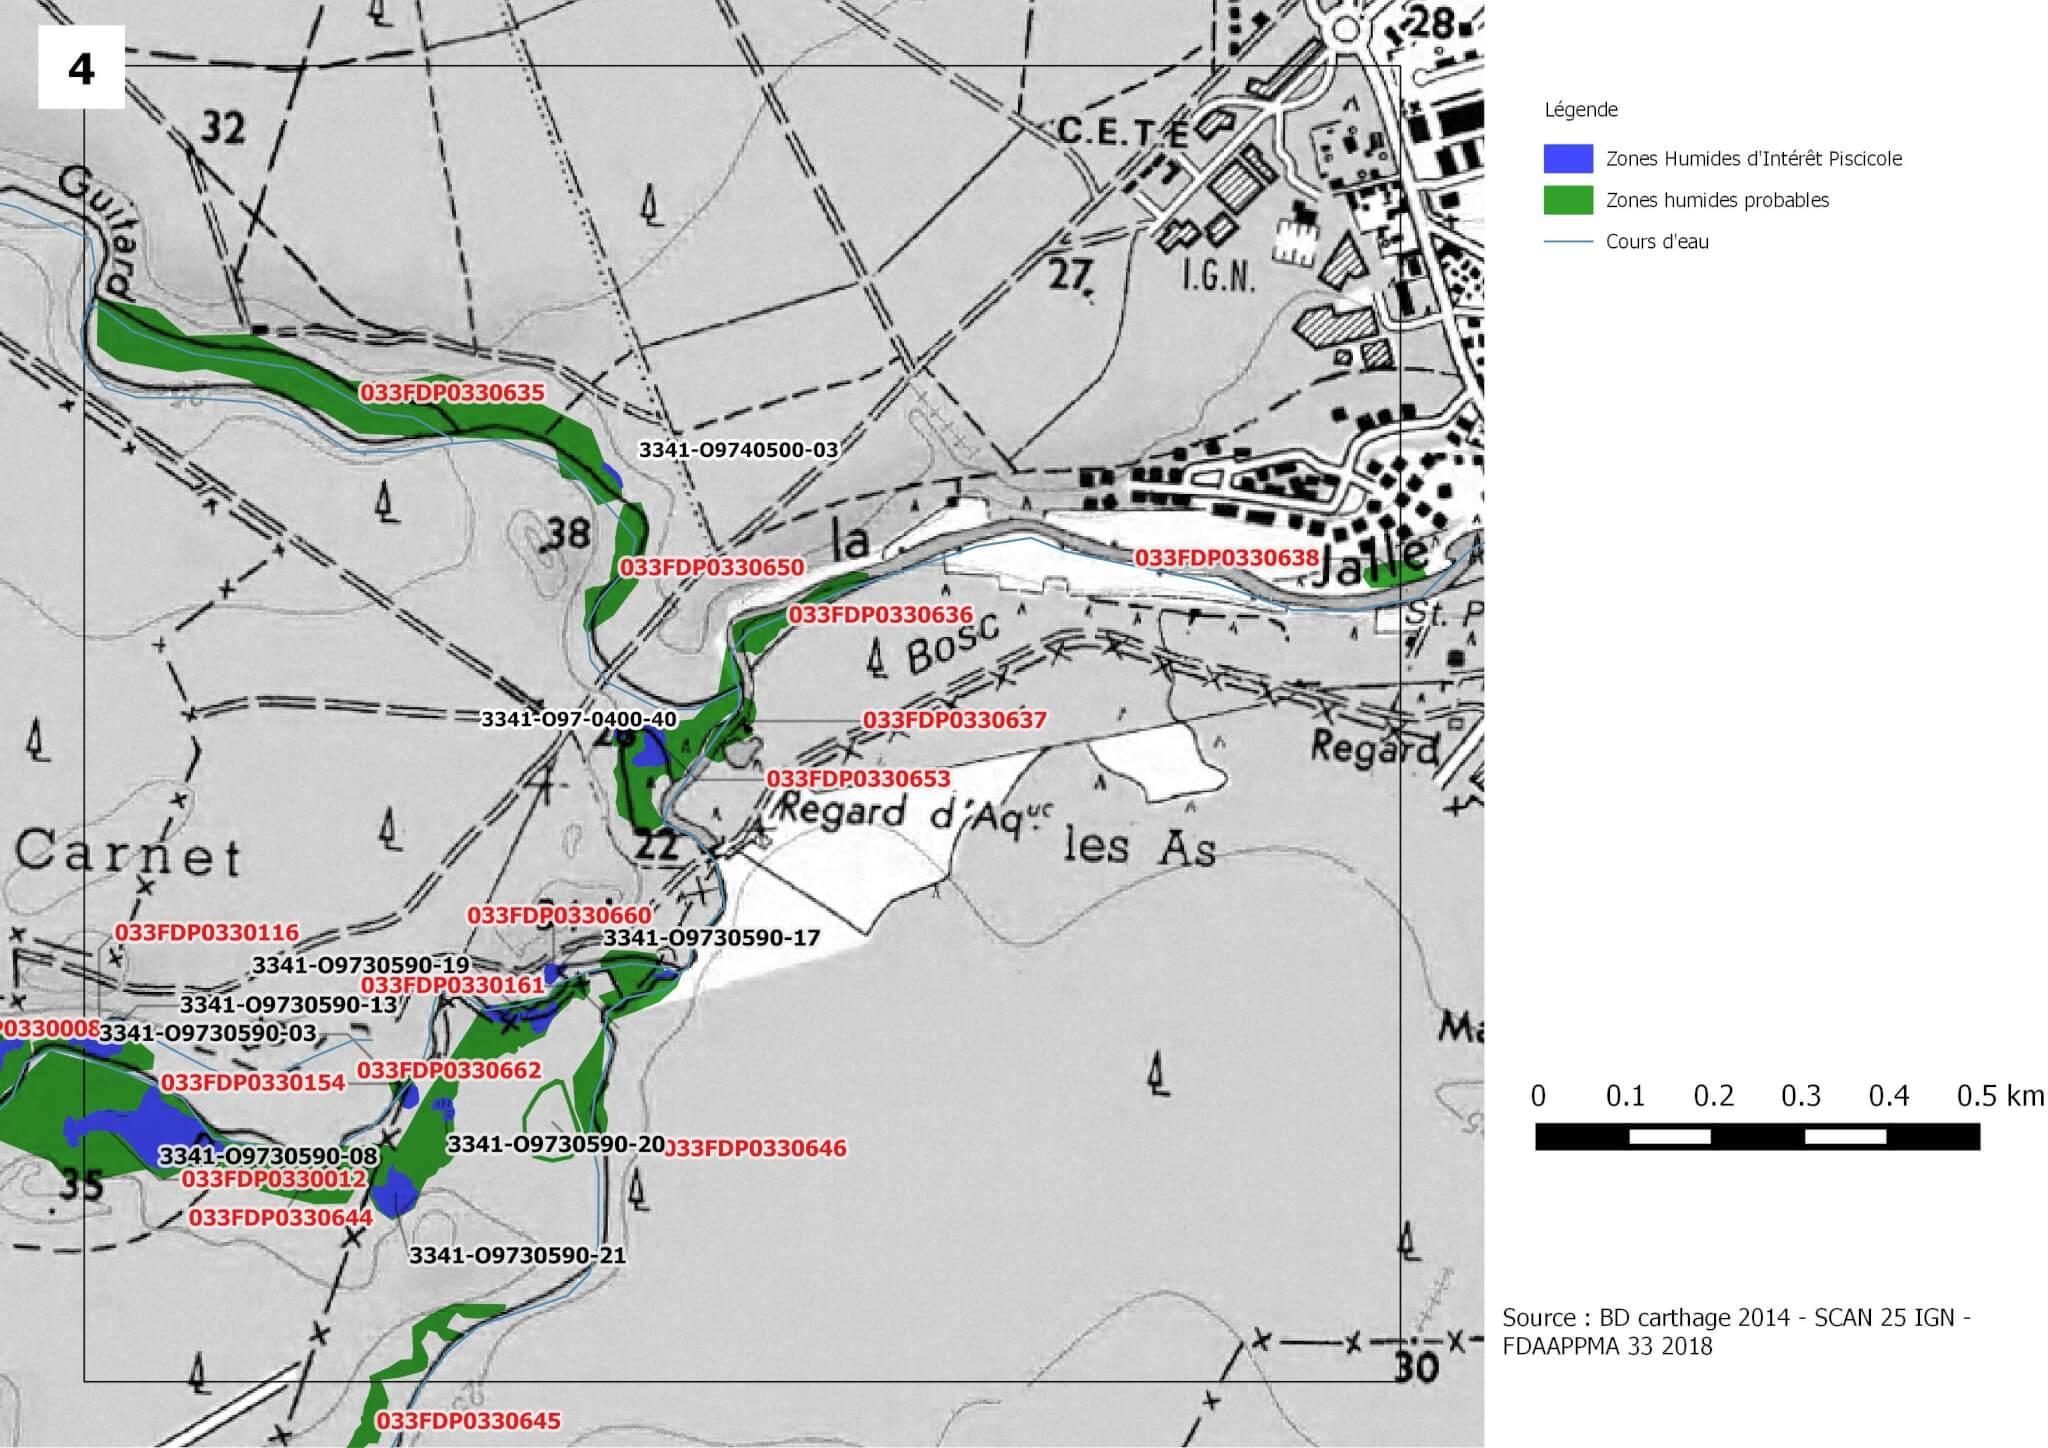 zone humide d'intérêt piscicole- Jalle de Blanquefort